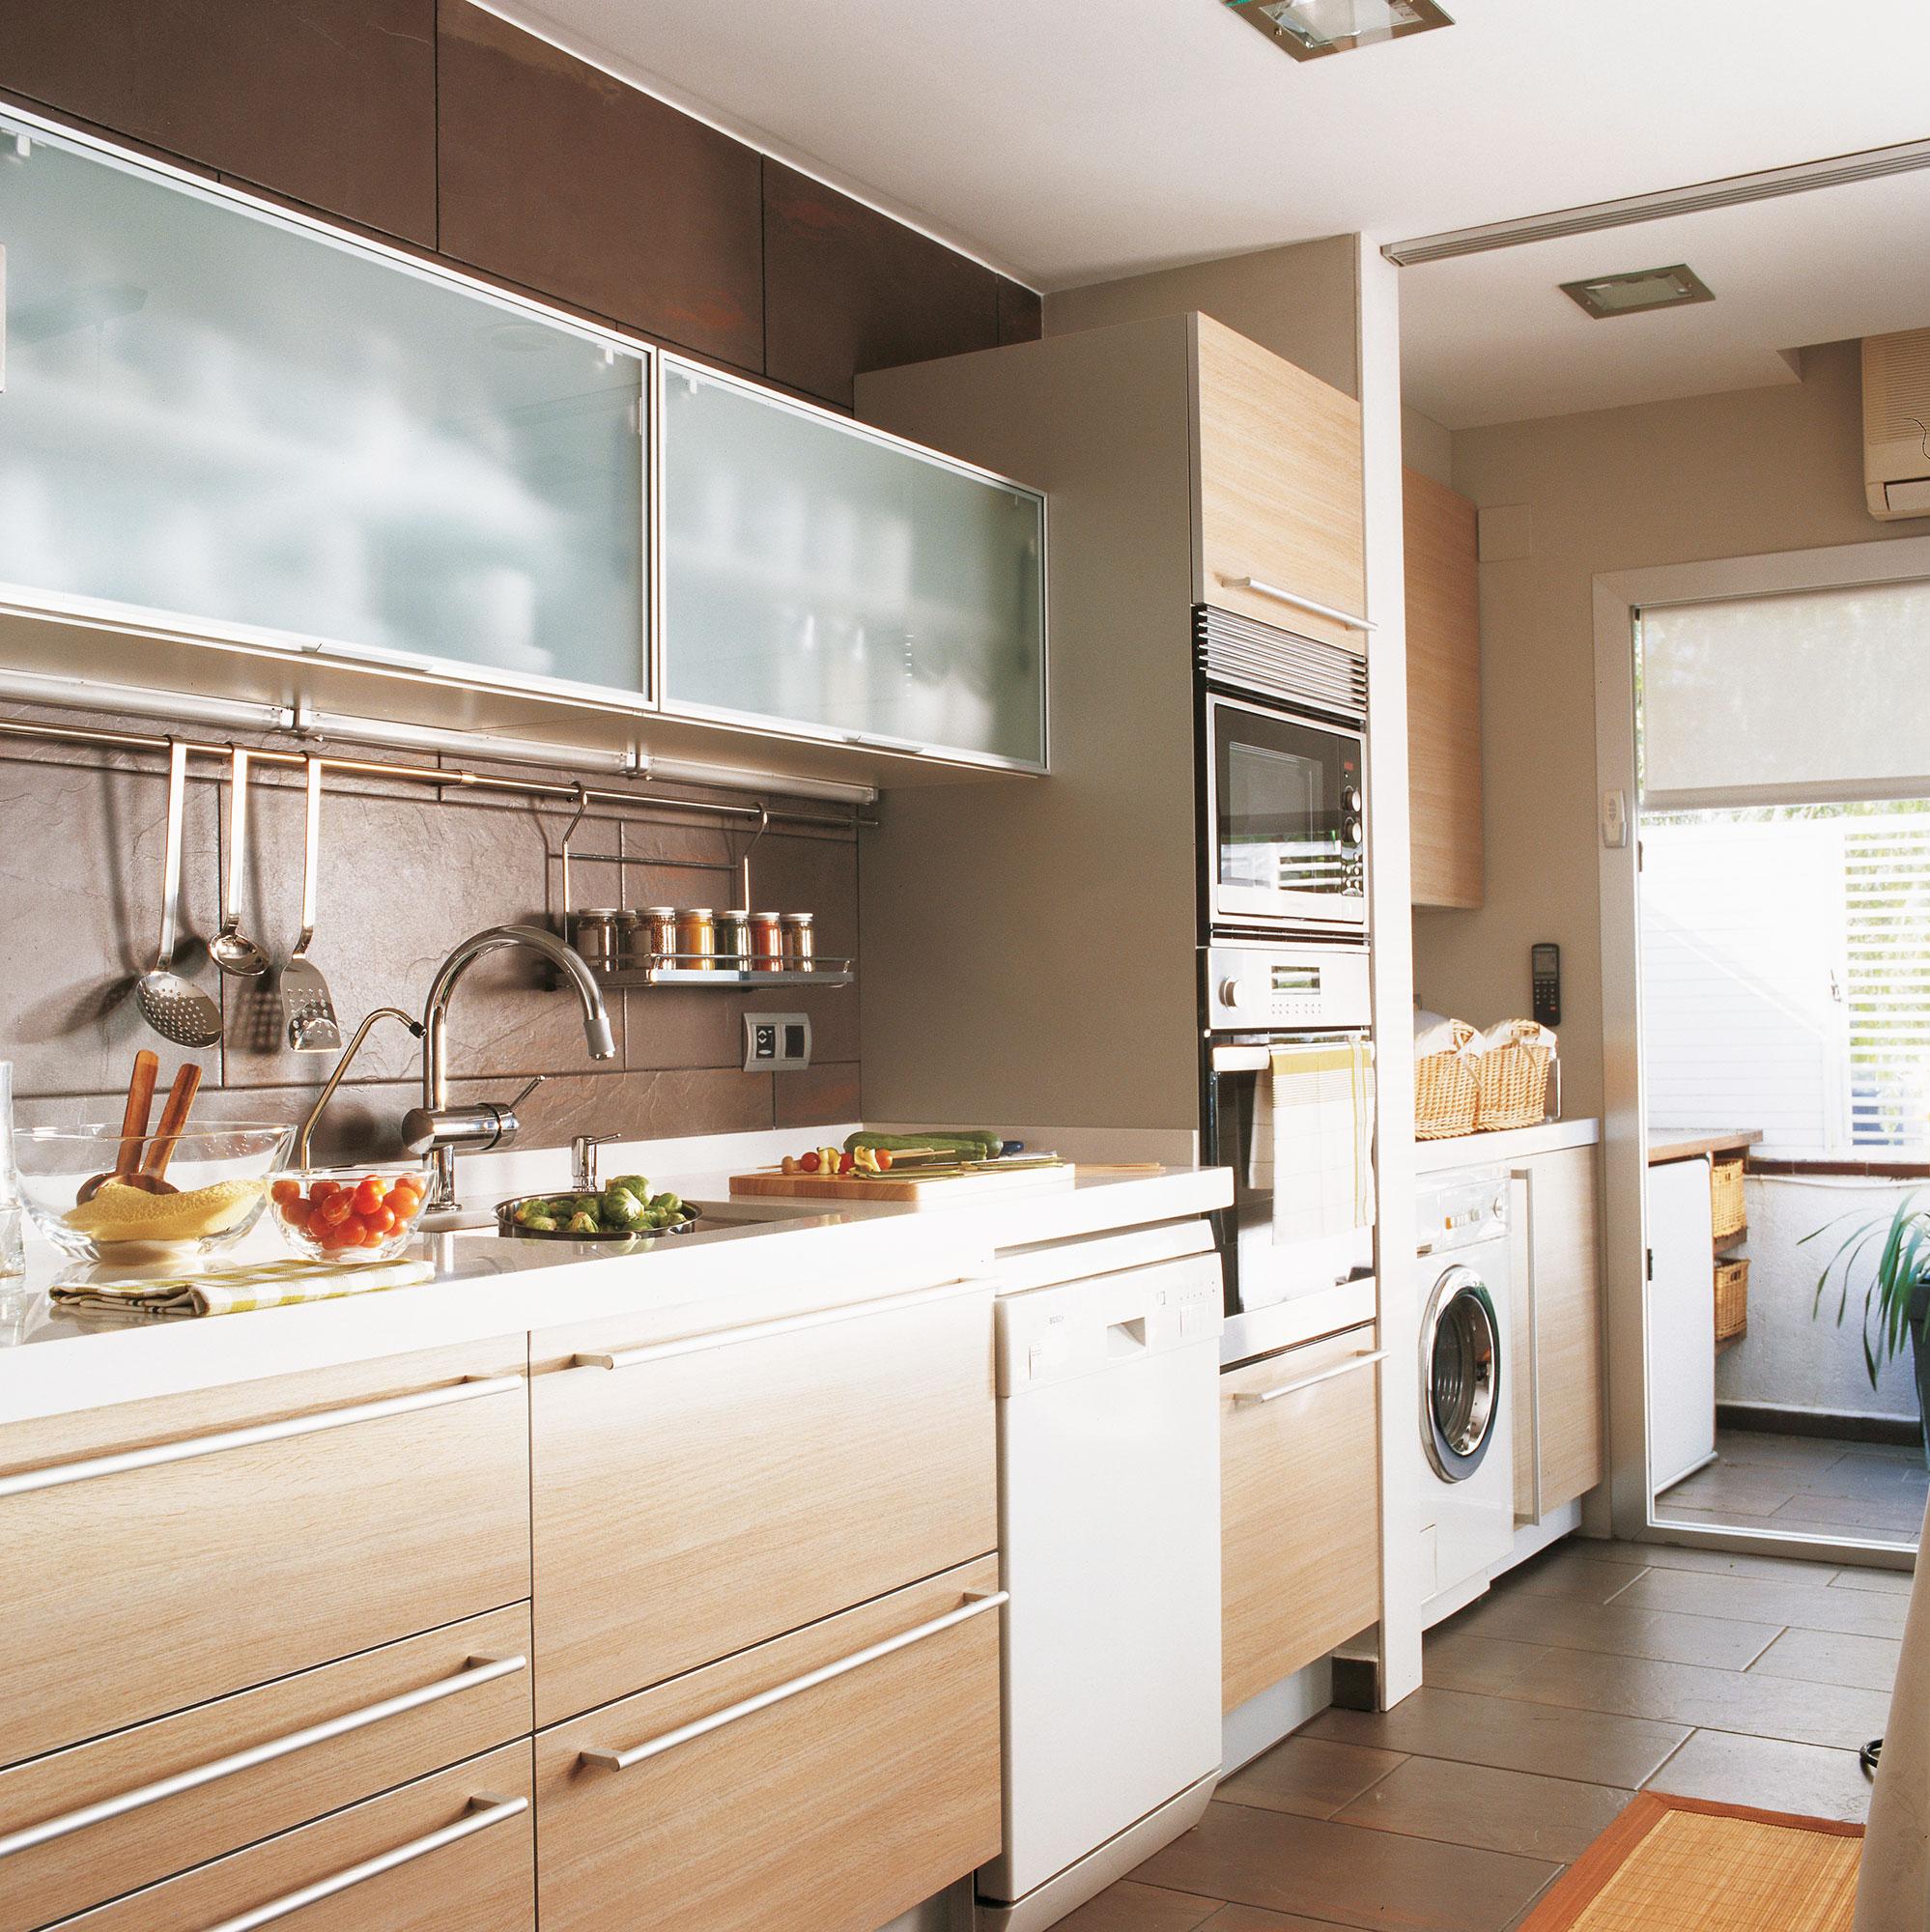 d nde poner la lavadora en casa On cocinas pequenas con lavadero